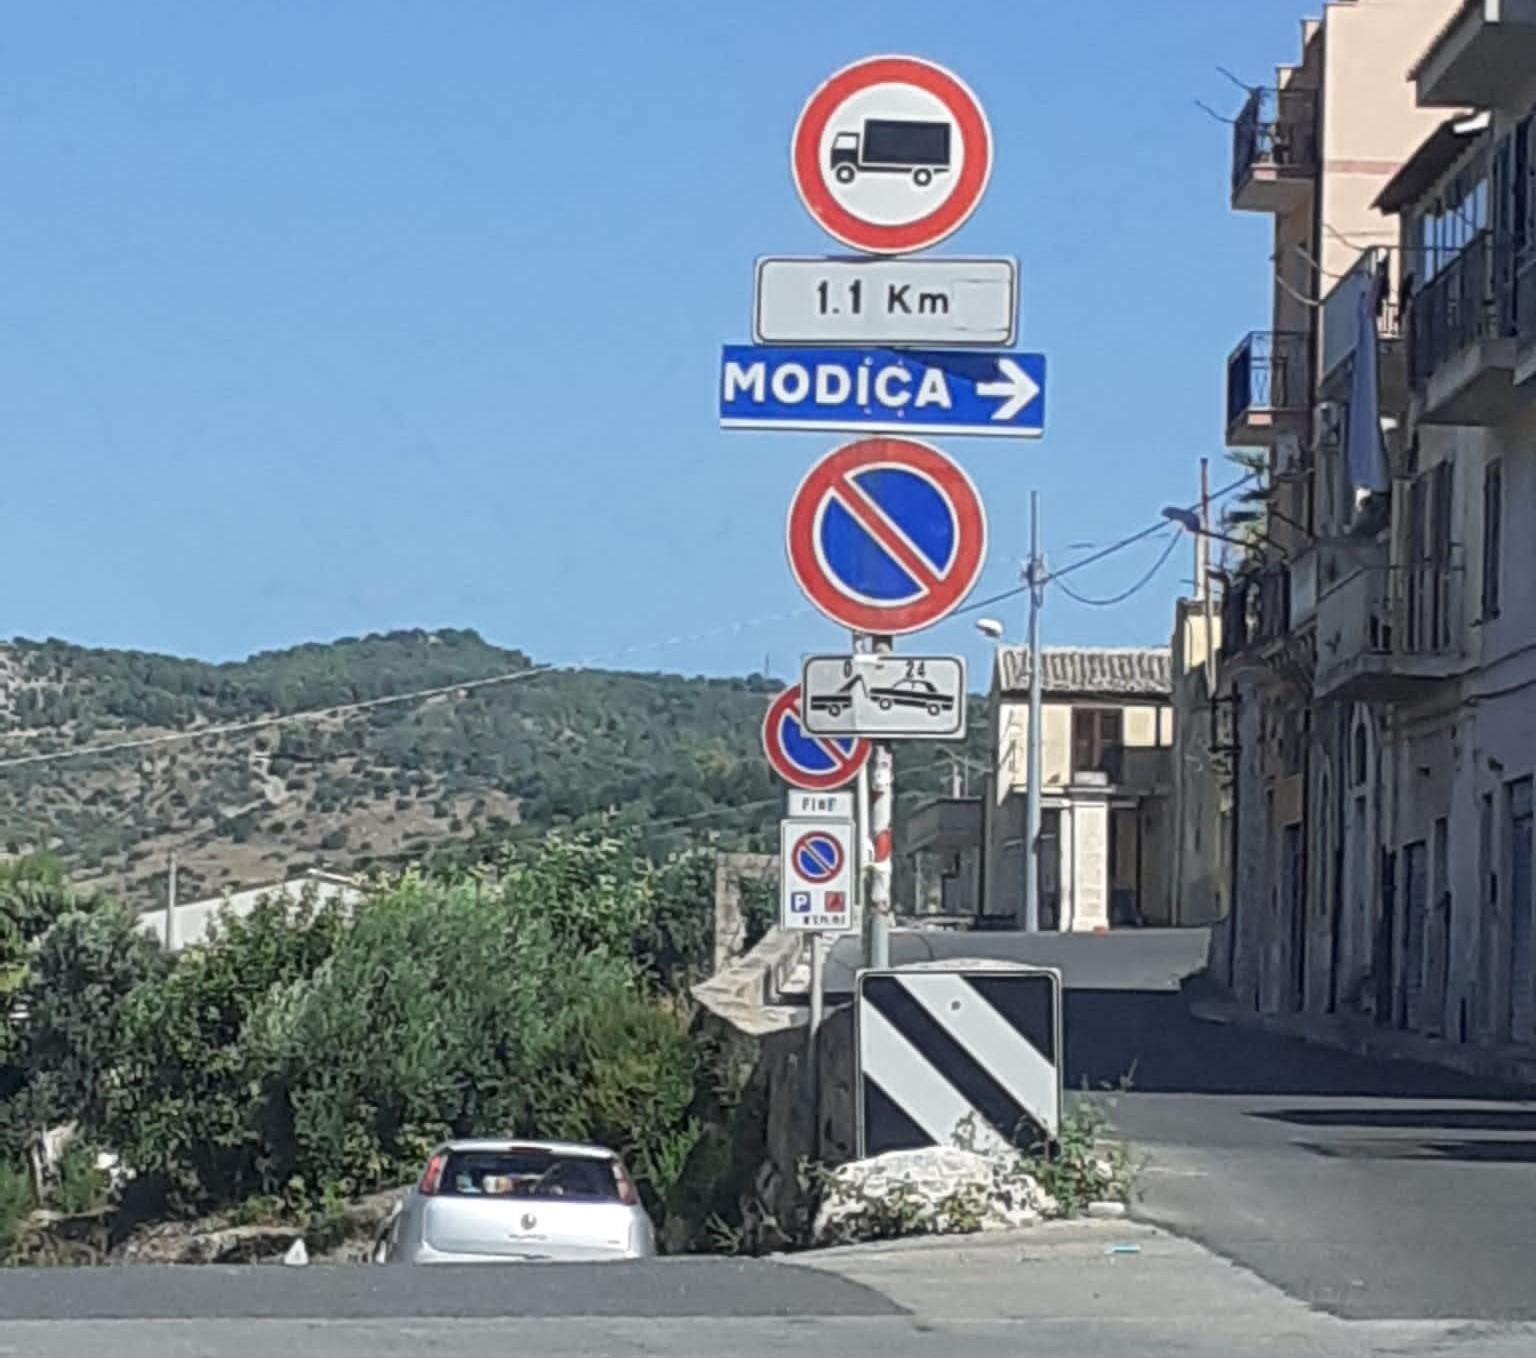 Scicli: segnaletica  vecchia, confusionaria e imprecisa in direzione Modica